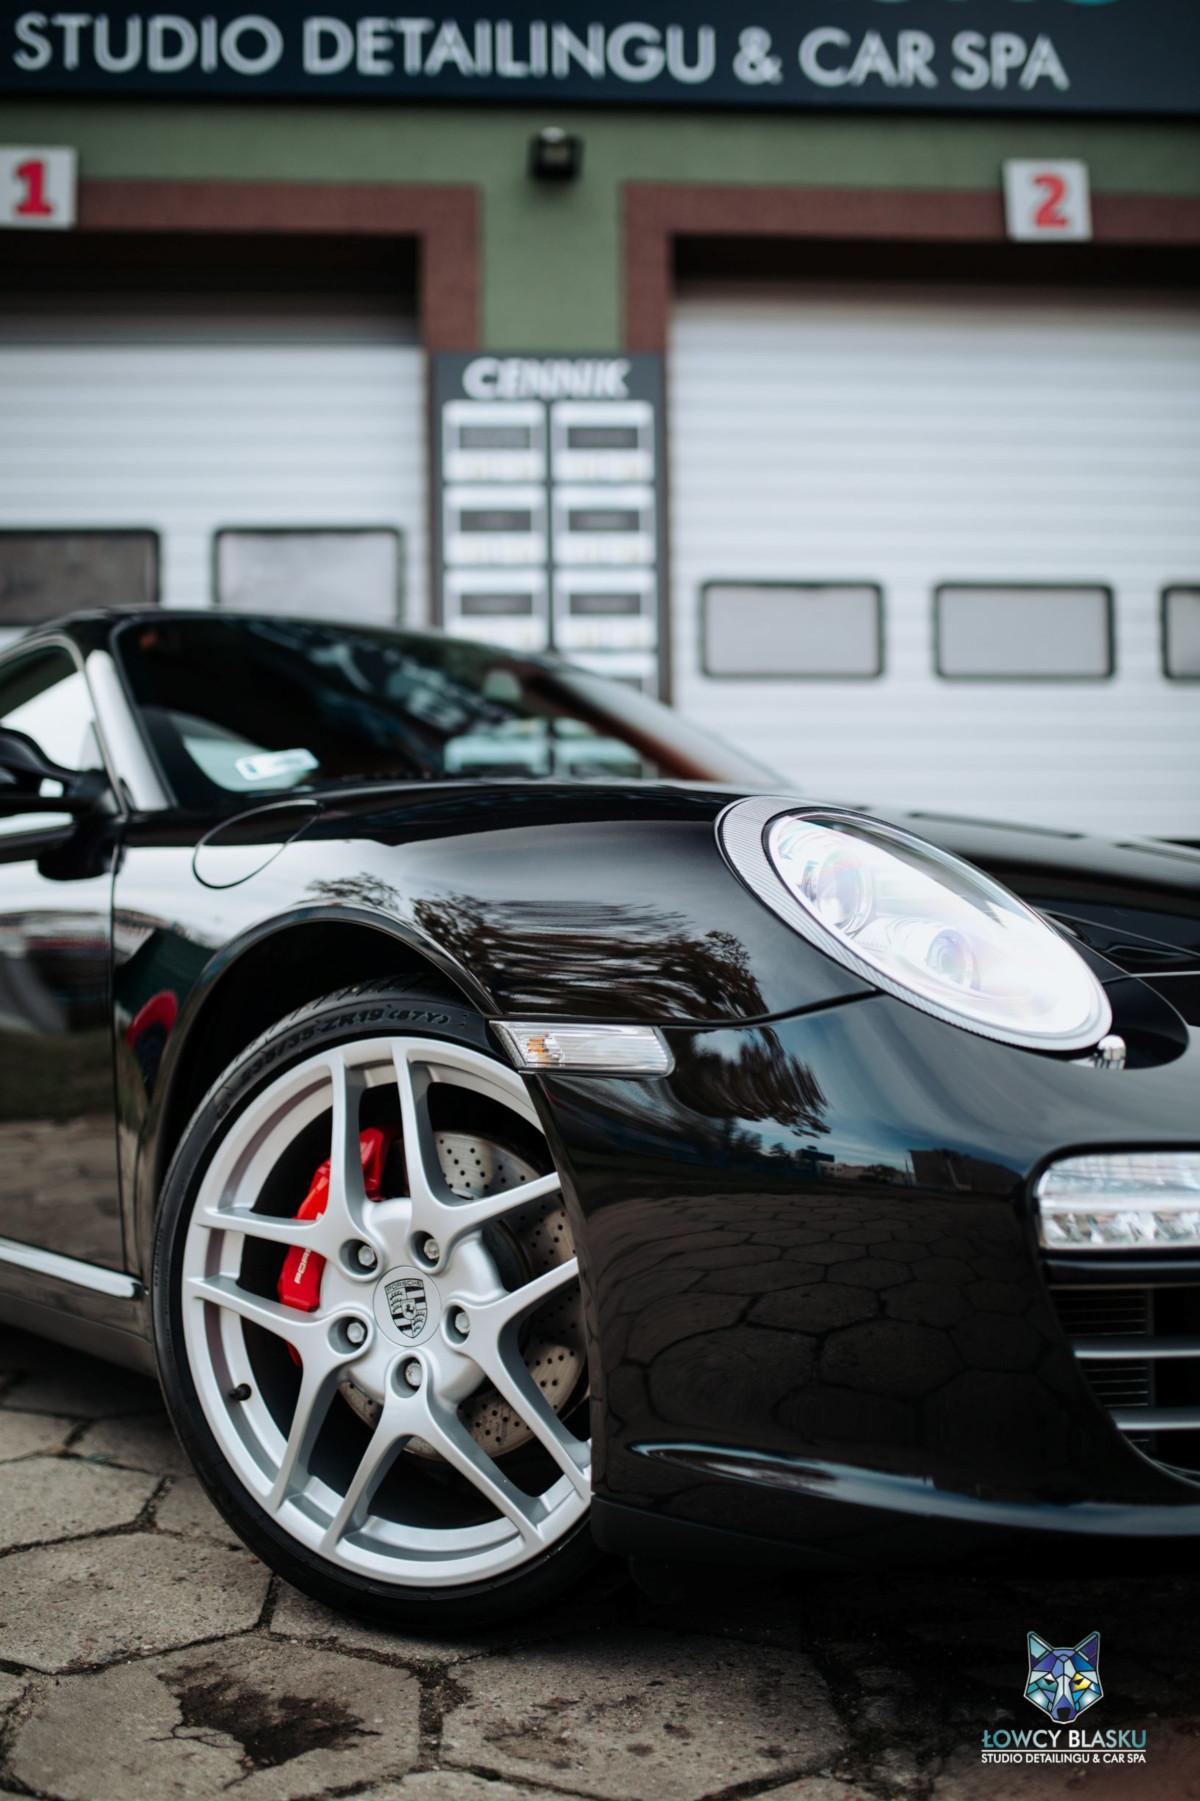 Porsche-Carrera-zabezpieczone-powłoką-ceramiczną-Opti-Coat-Łowcy-Blasku-2